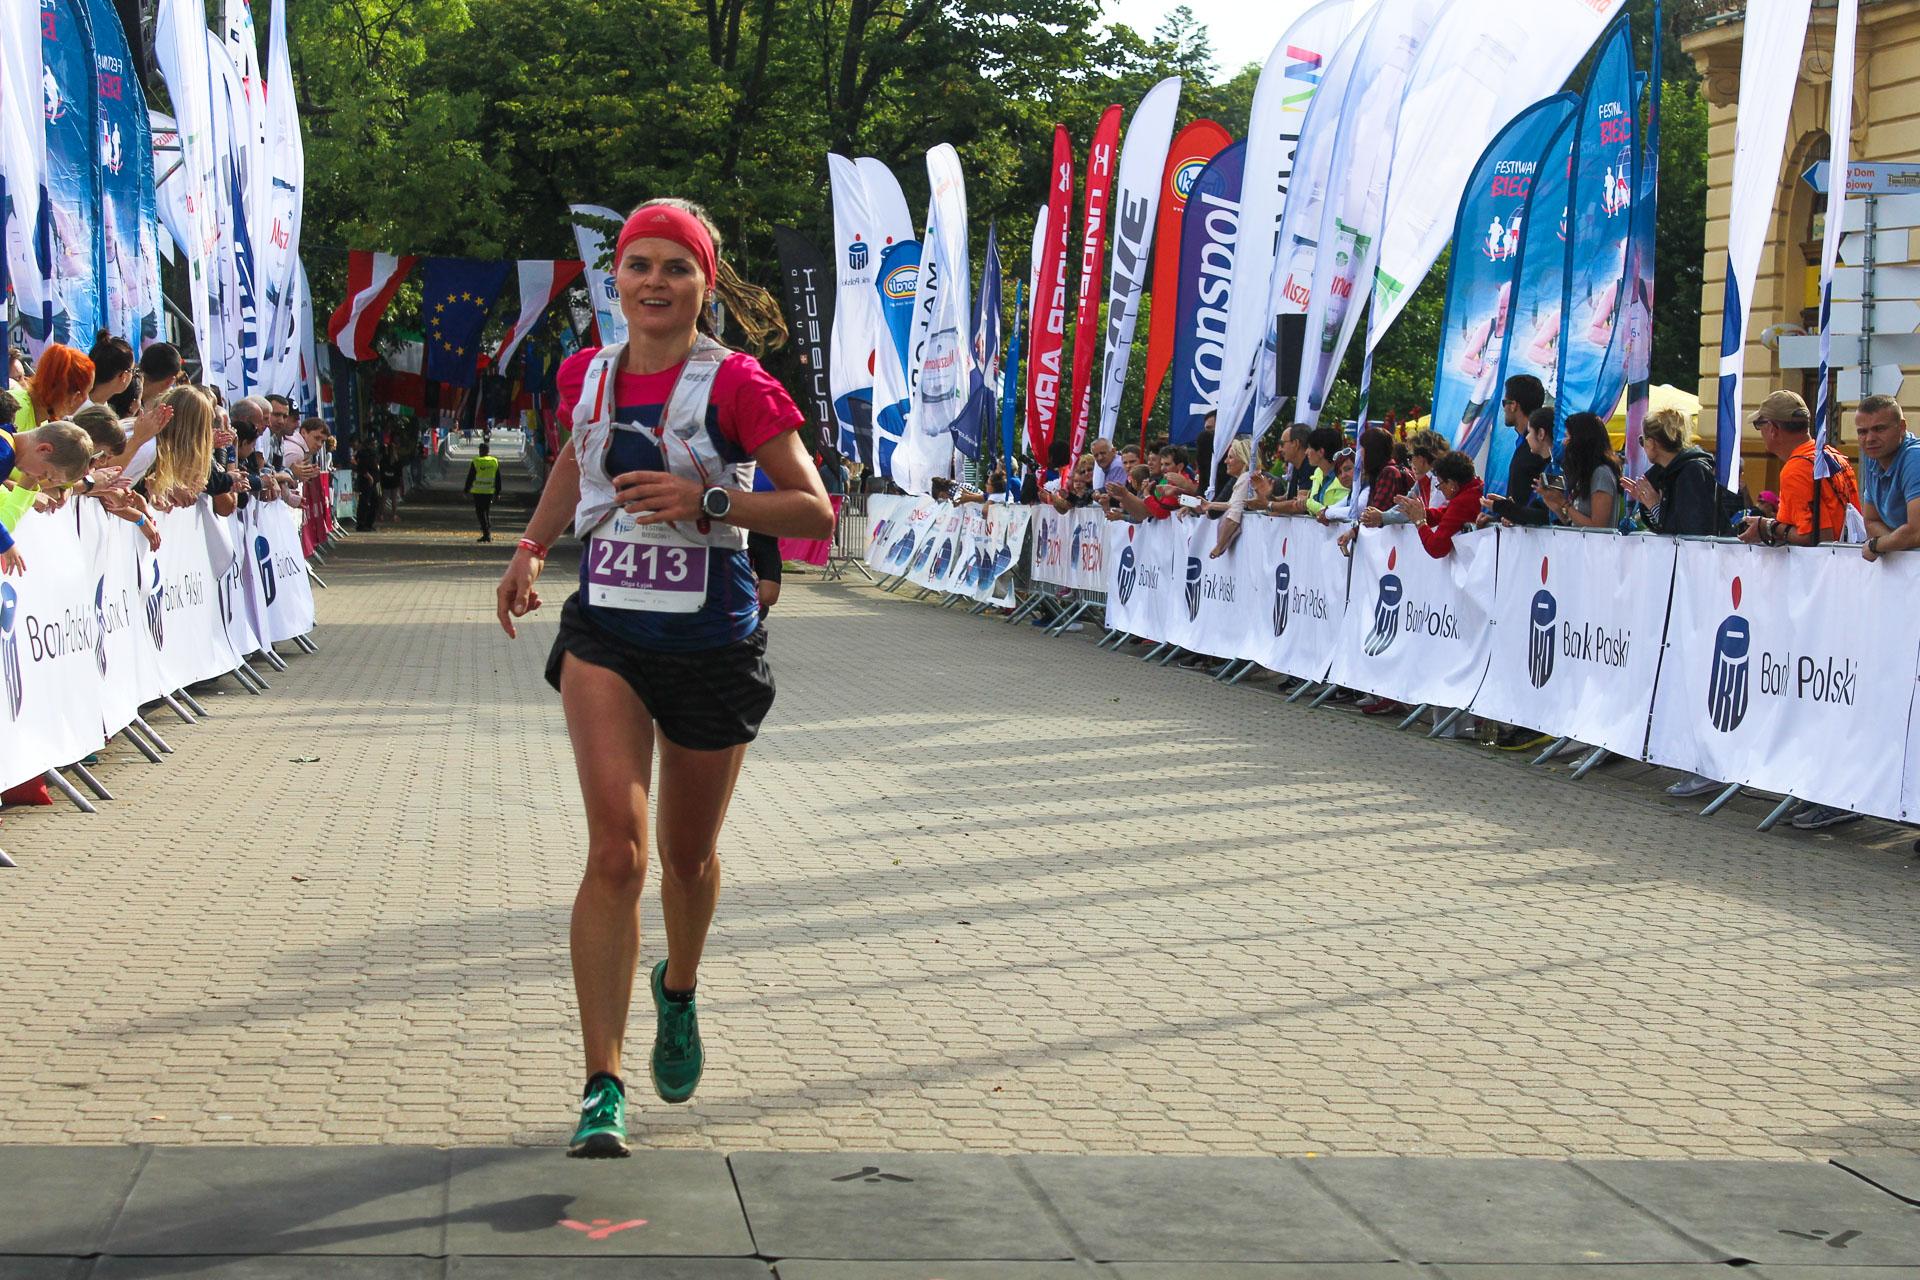 Wyszehradzki Ultramaraton im. Prezydenta Lecha Kaczyńskiego 34 km - relacja